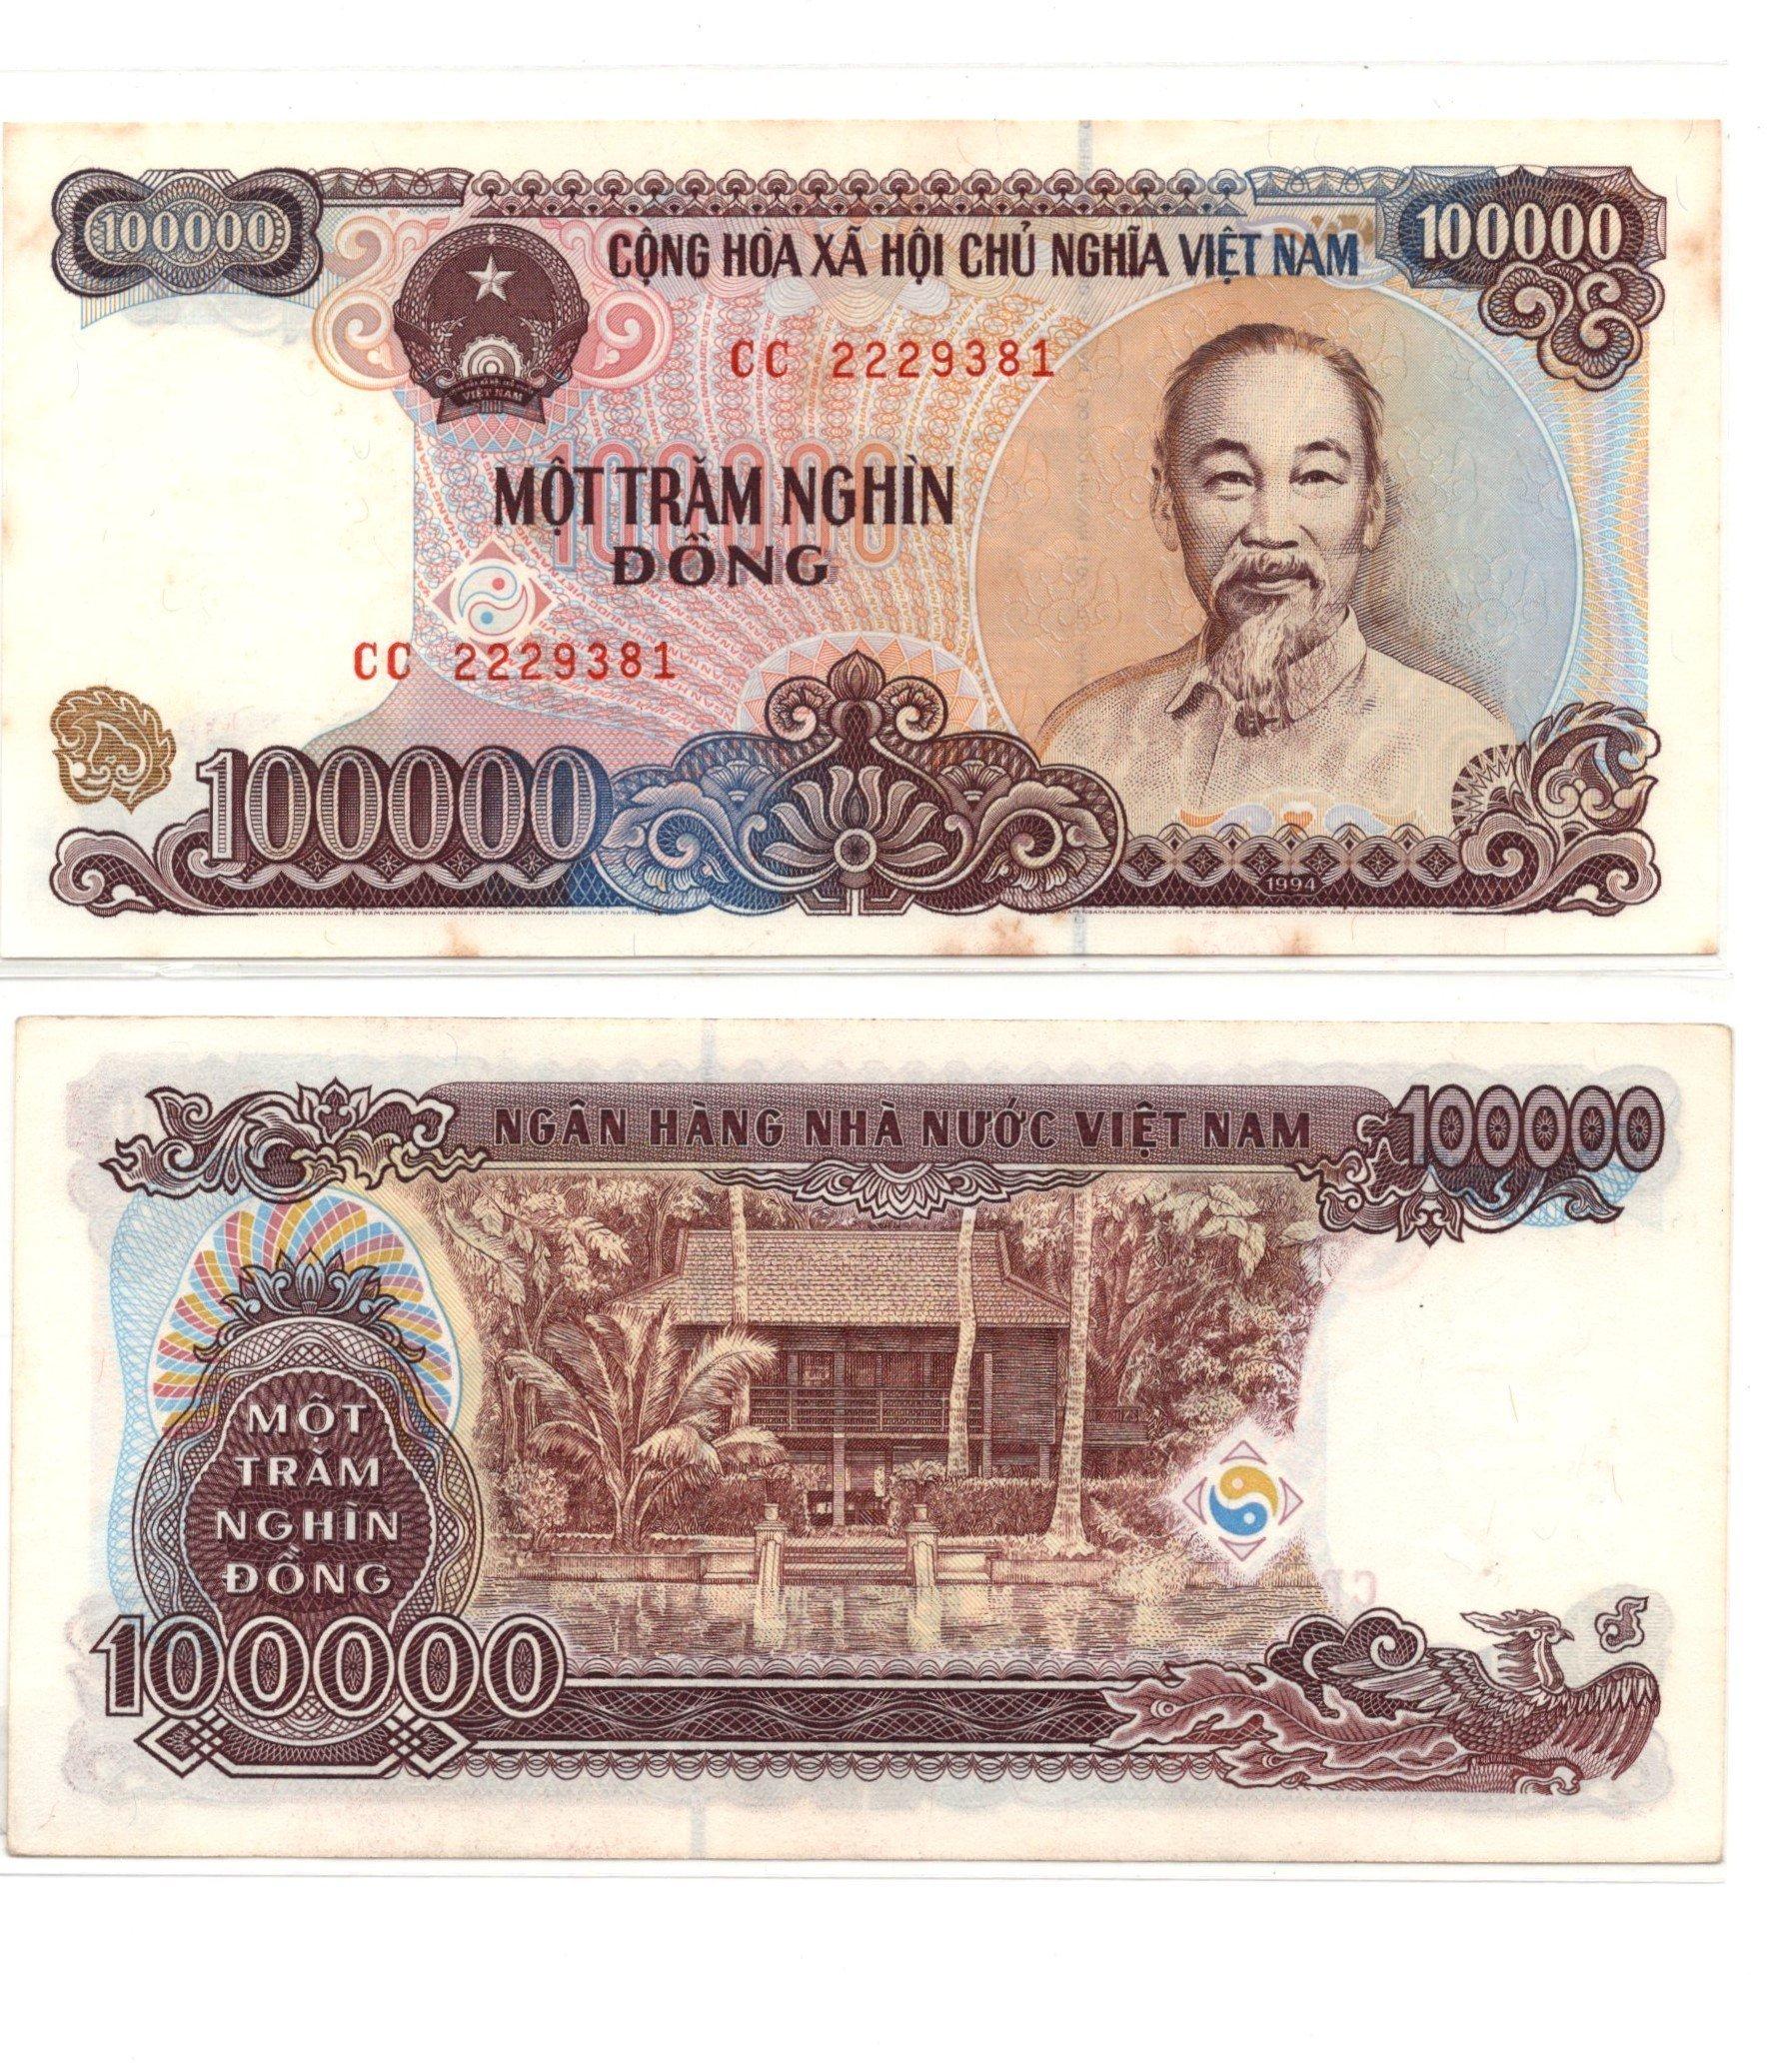 vietnam 10000 dong